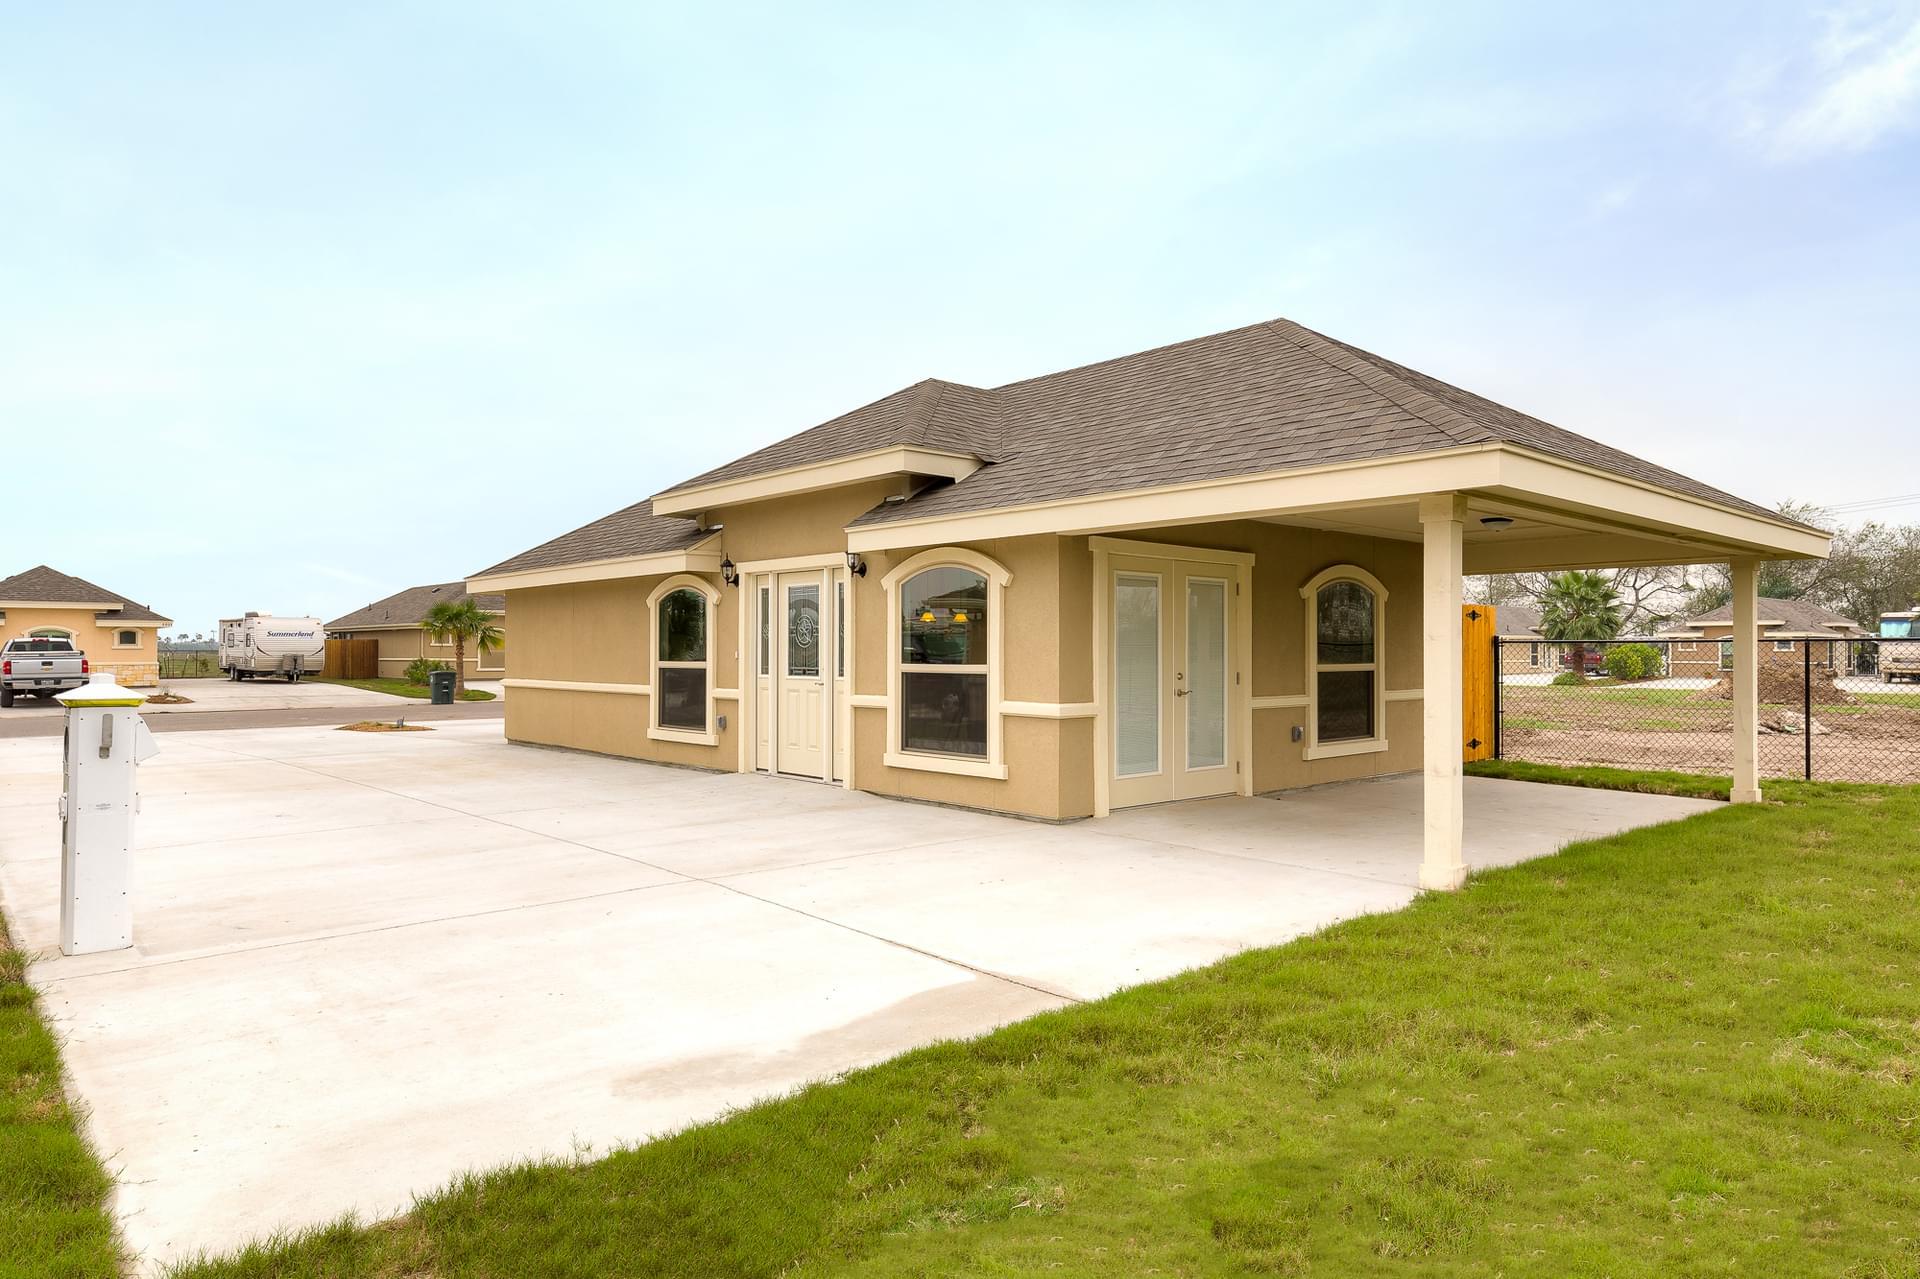 The RV Casita new home in ,